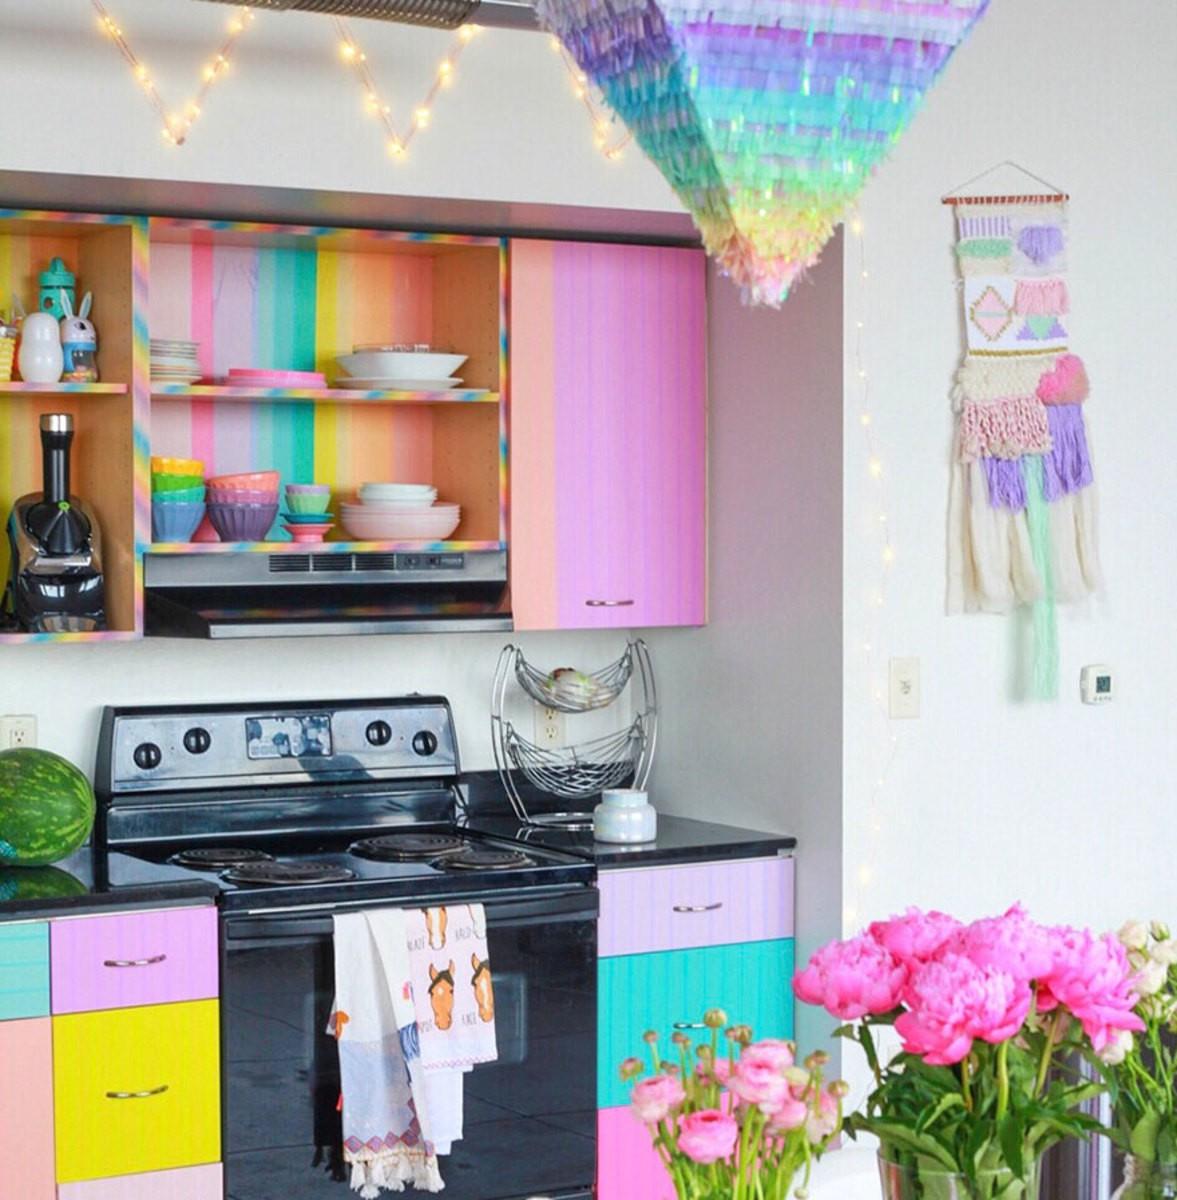 Lấy cầu vồng làm ý tưởng trang trí nhà, căn hộ nhỏ 35m² của cô gái trẻ đang gây sốt trên Instagram - Ảnh 16.